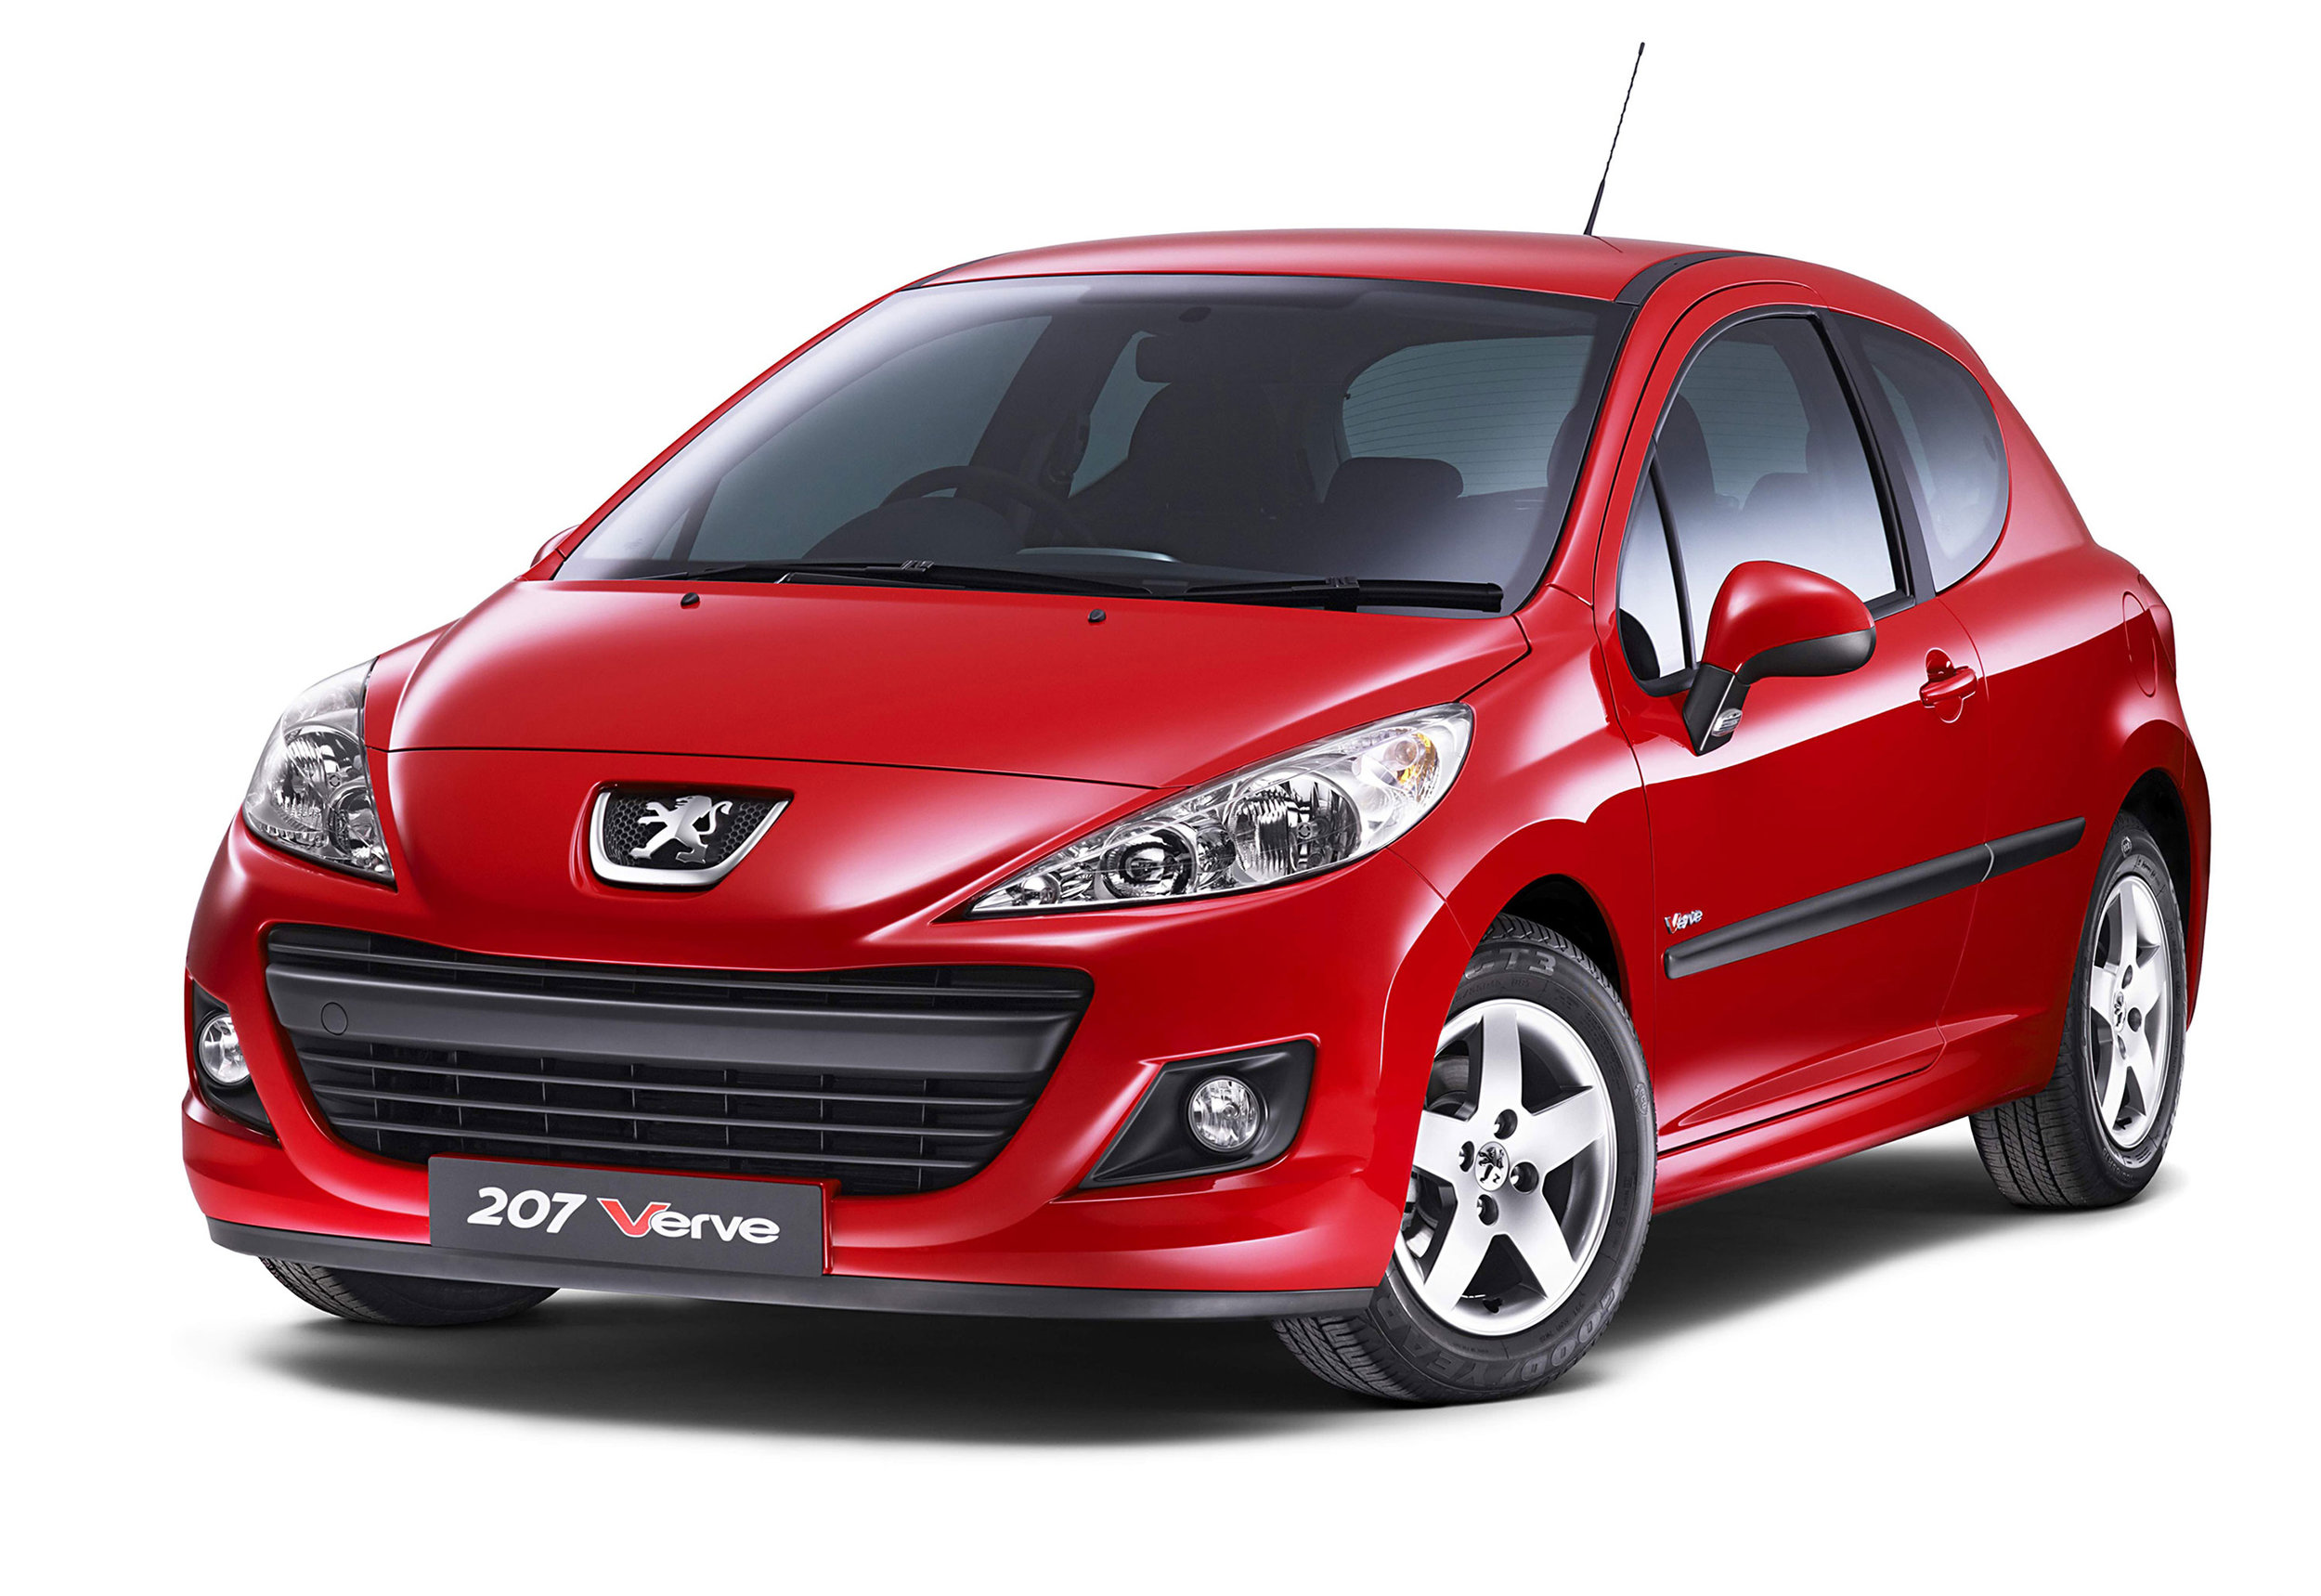 Peugeot 207 17.jpg